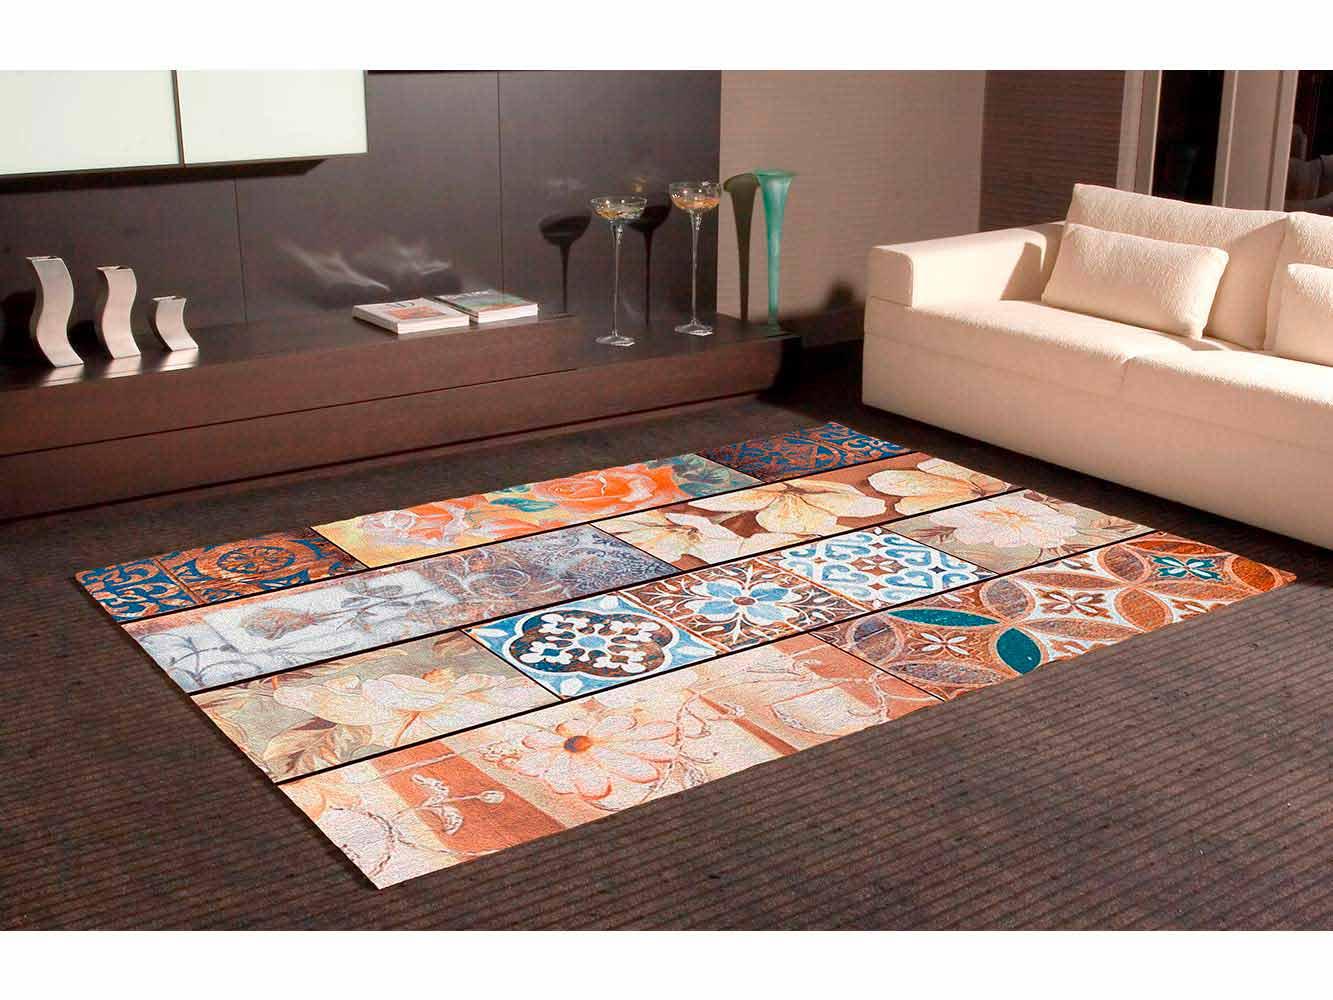 Alfombra PVC Mosaico Expresionista Floral | Carteles XXL - Impresión carteleria publicitaria